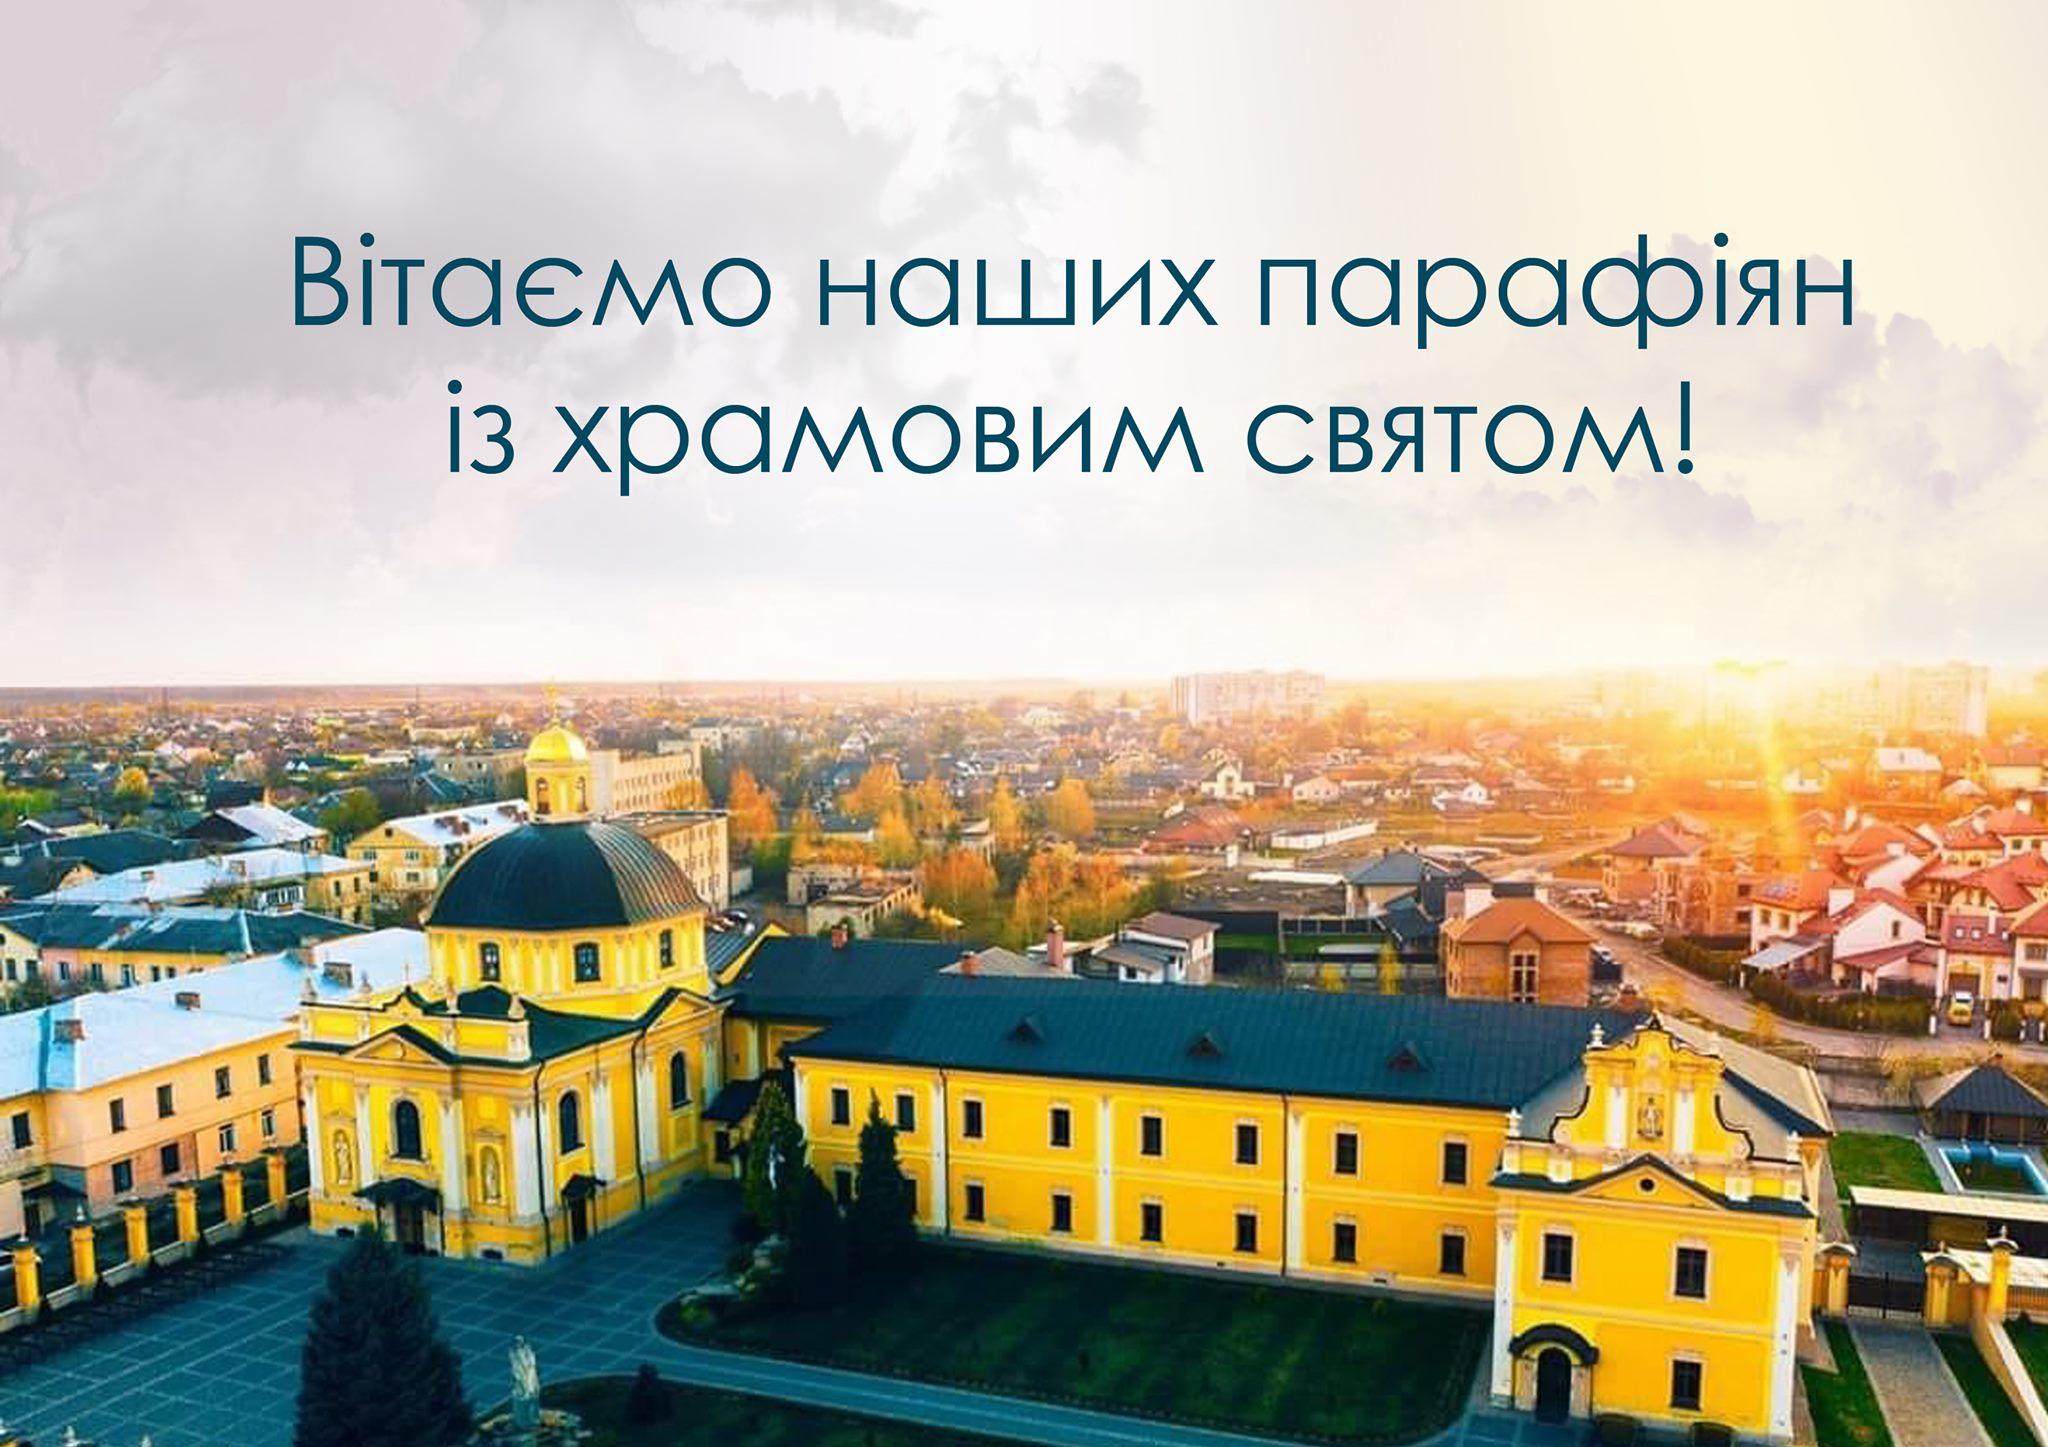 Храмове свято у церкві св. Юрія Червоноград